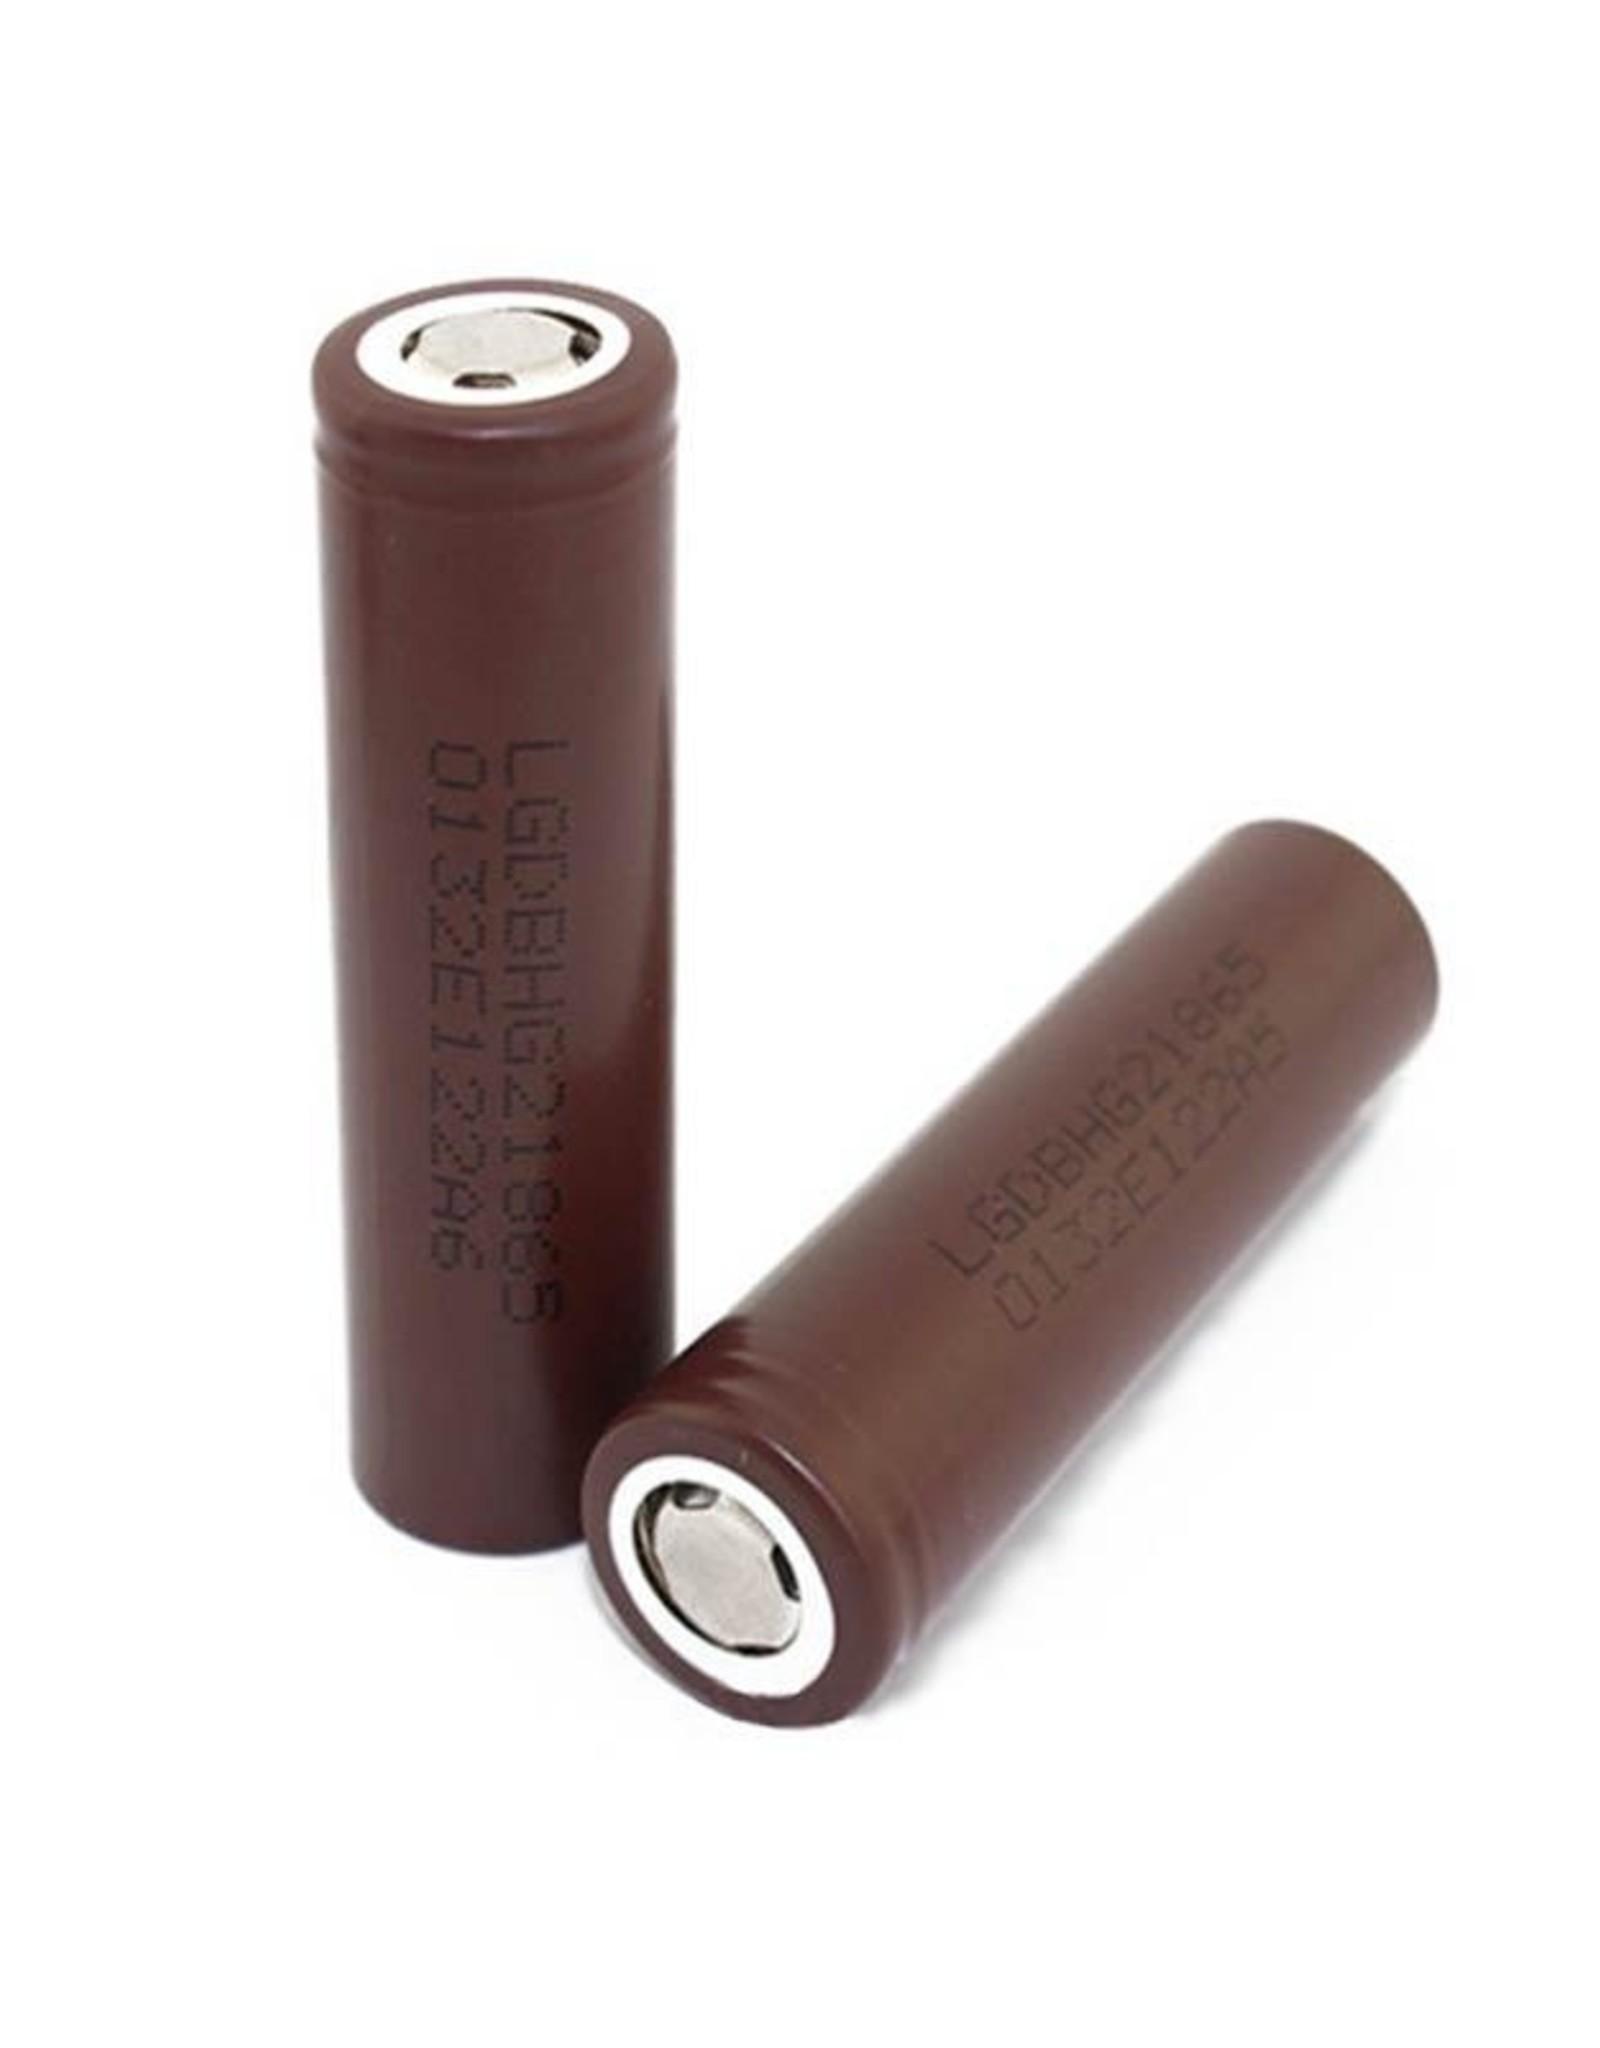 LG LG HG2 18650 3000mAh 20A Battery